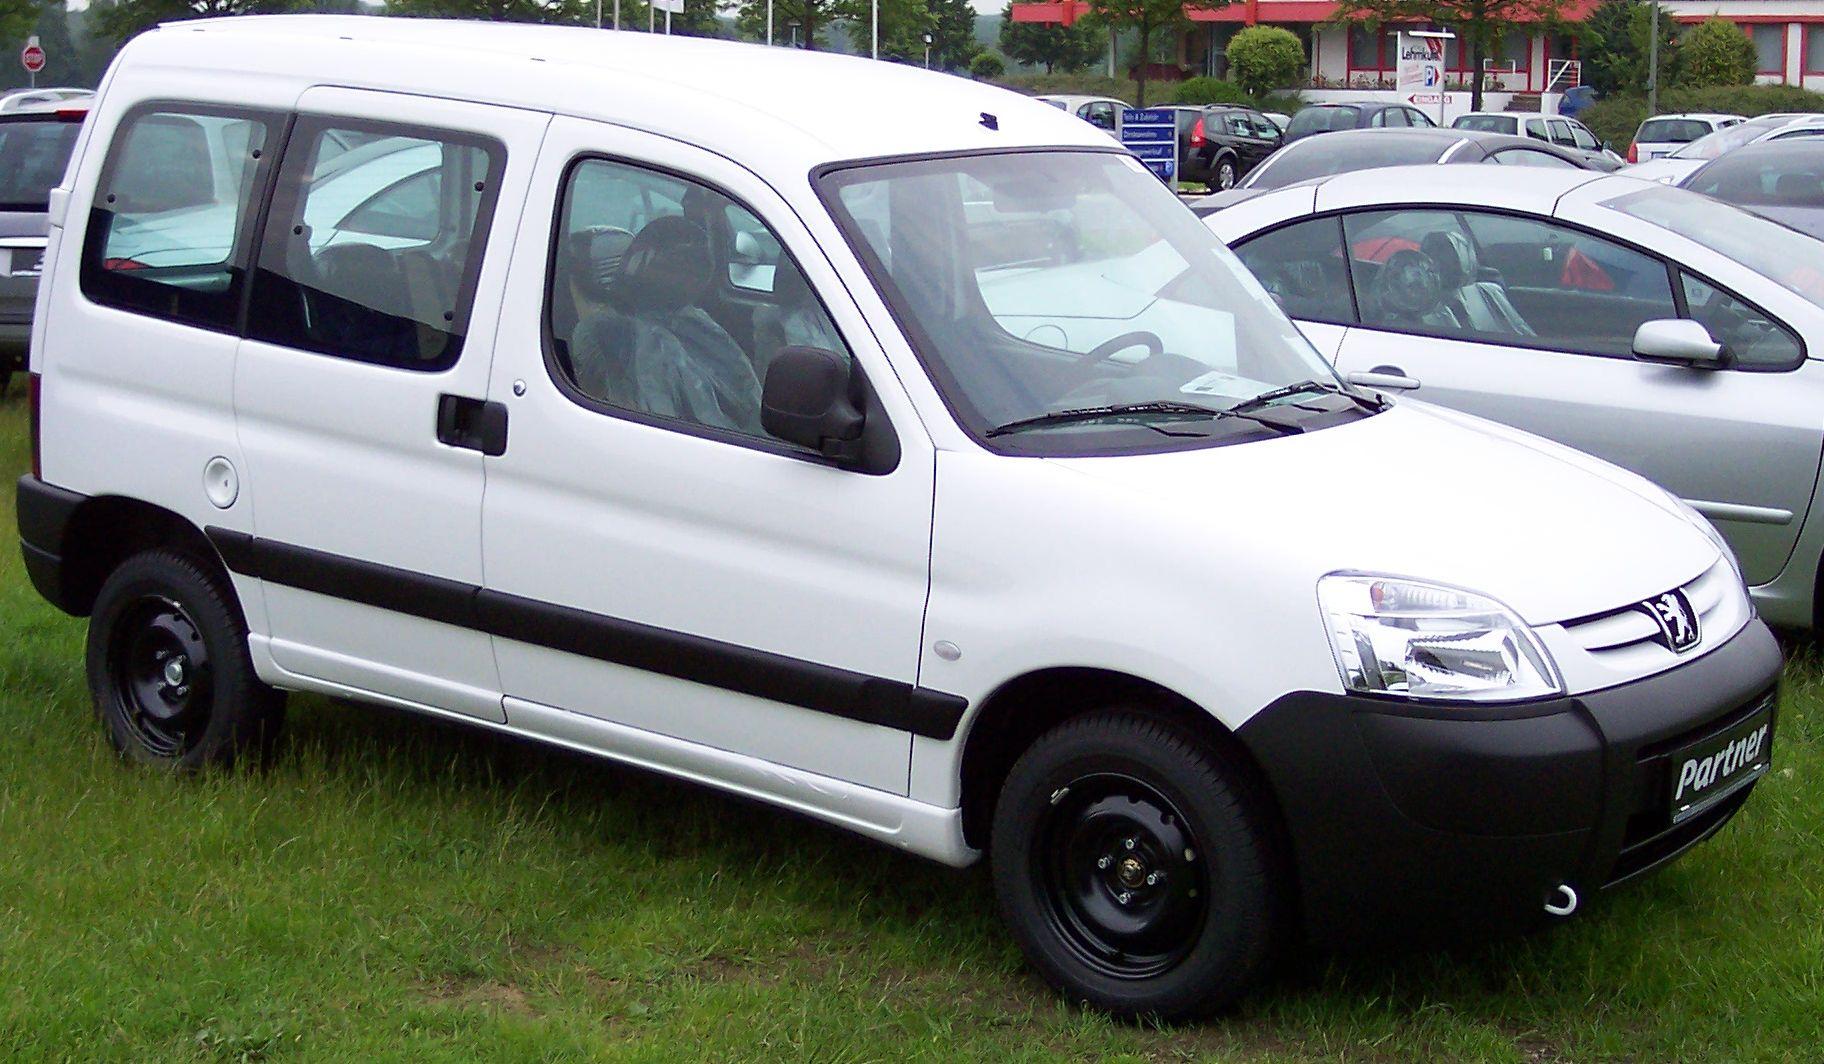 Peugeot_Partner_white_vr